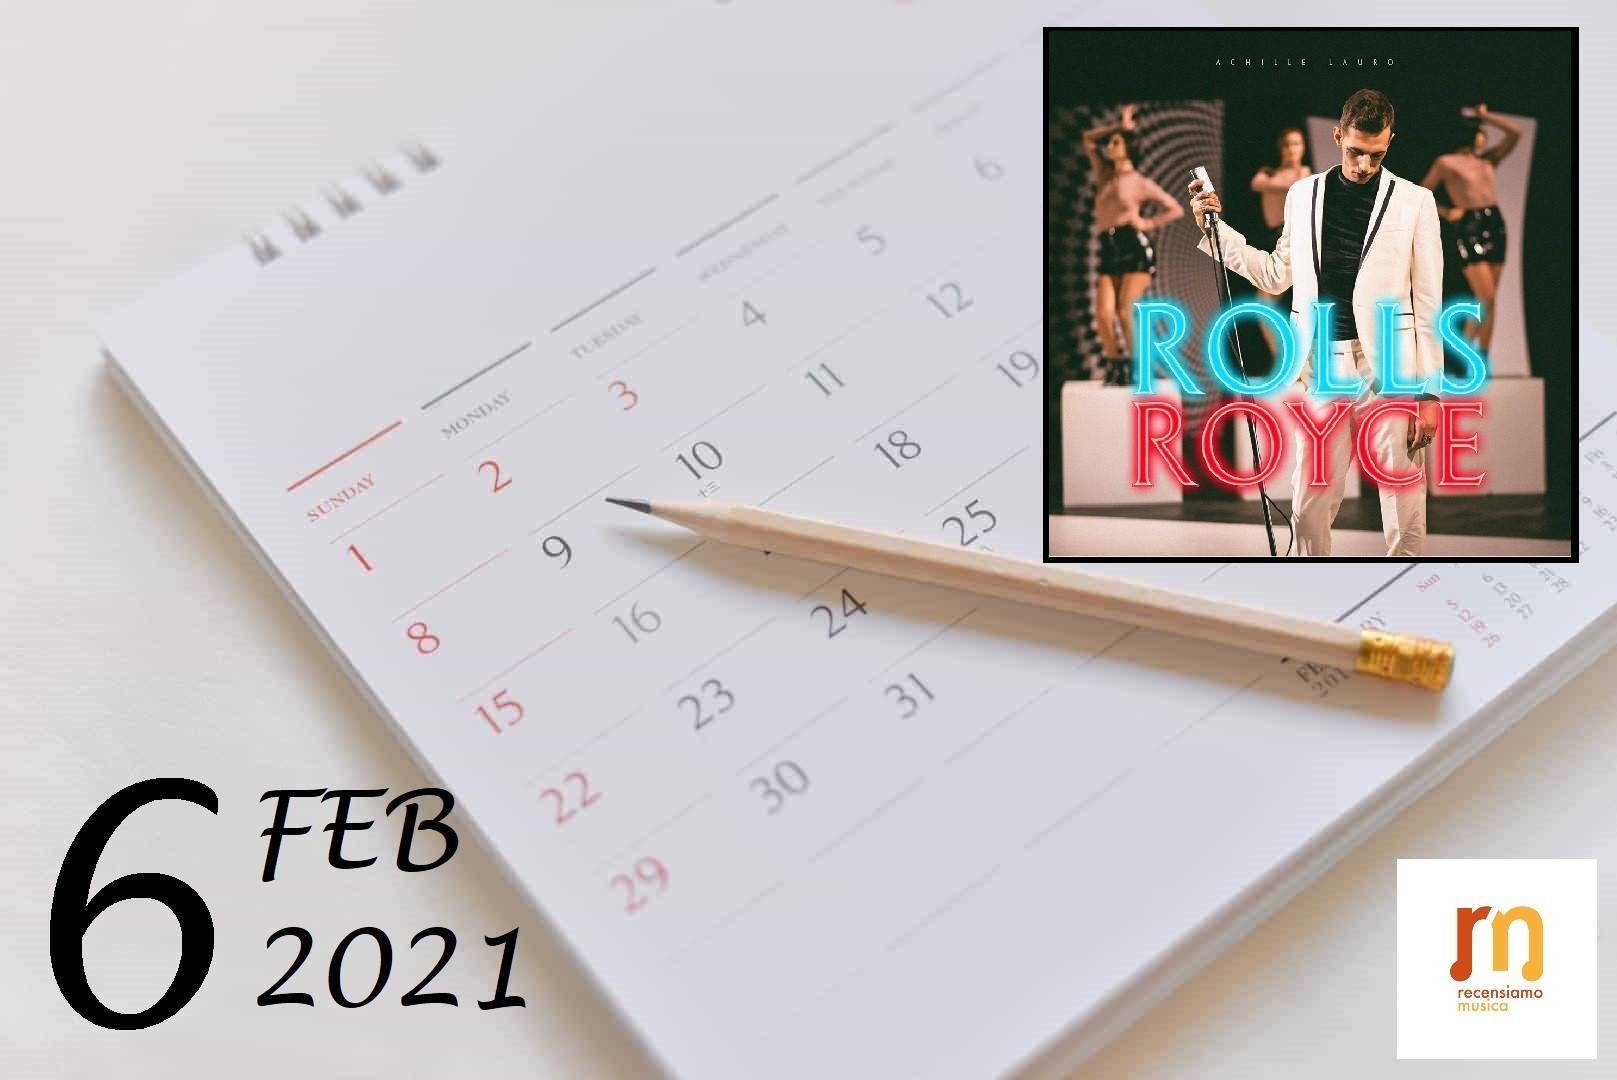 6 febbraio